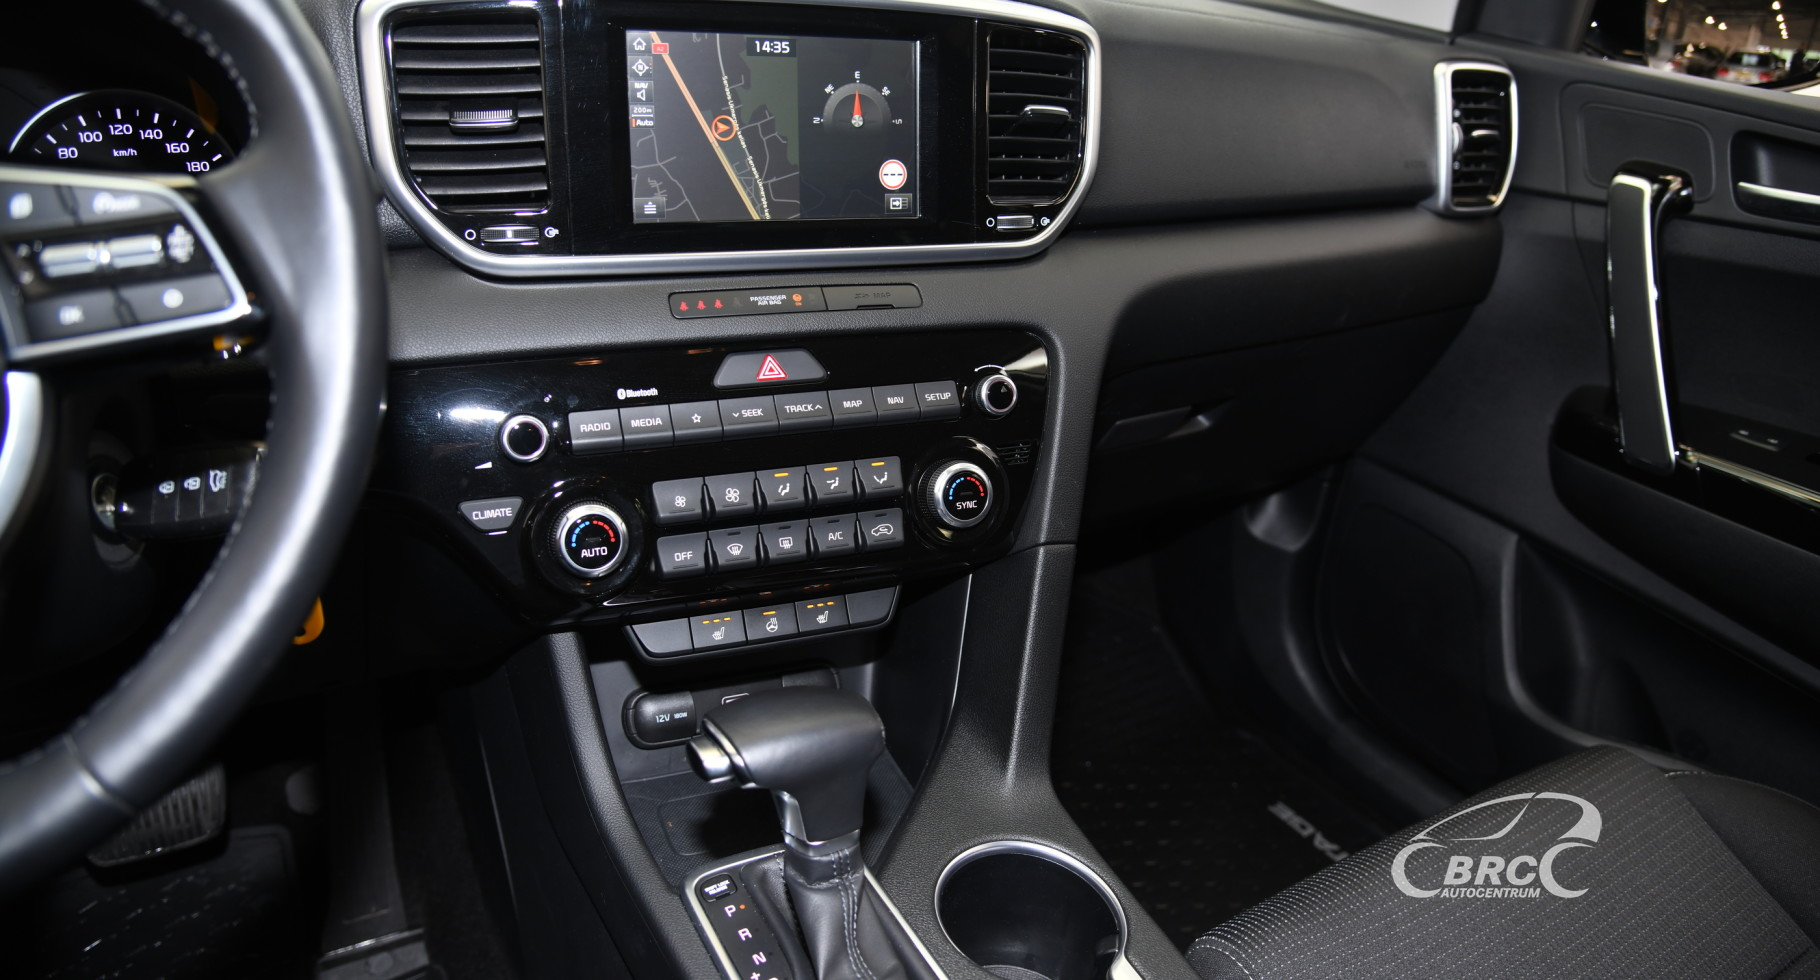 Kia Sportage 1.6 CRDi FWD Automatas